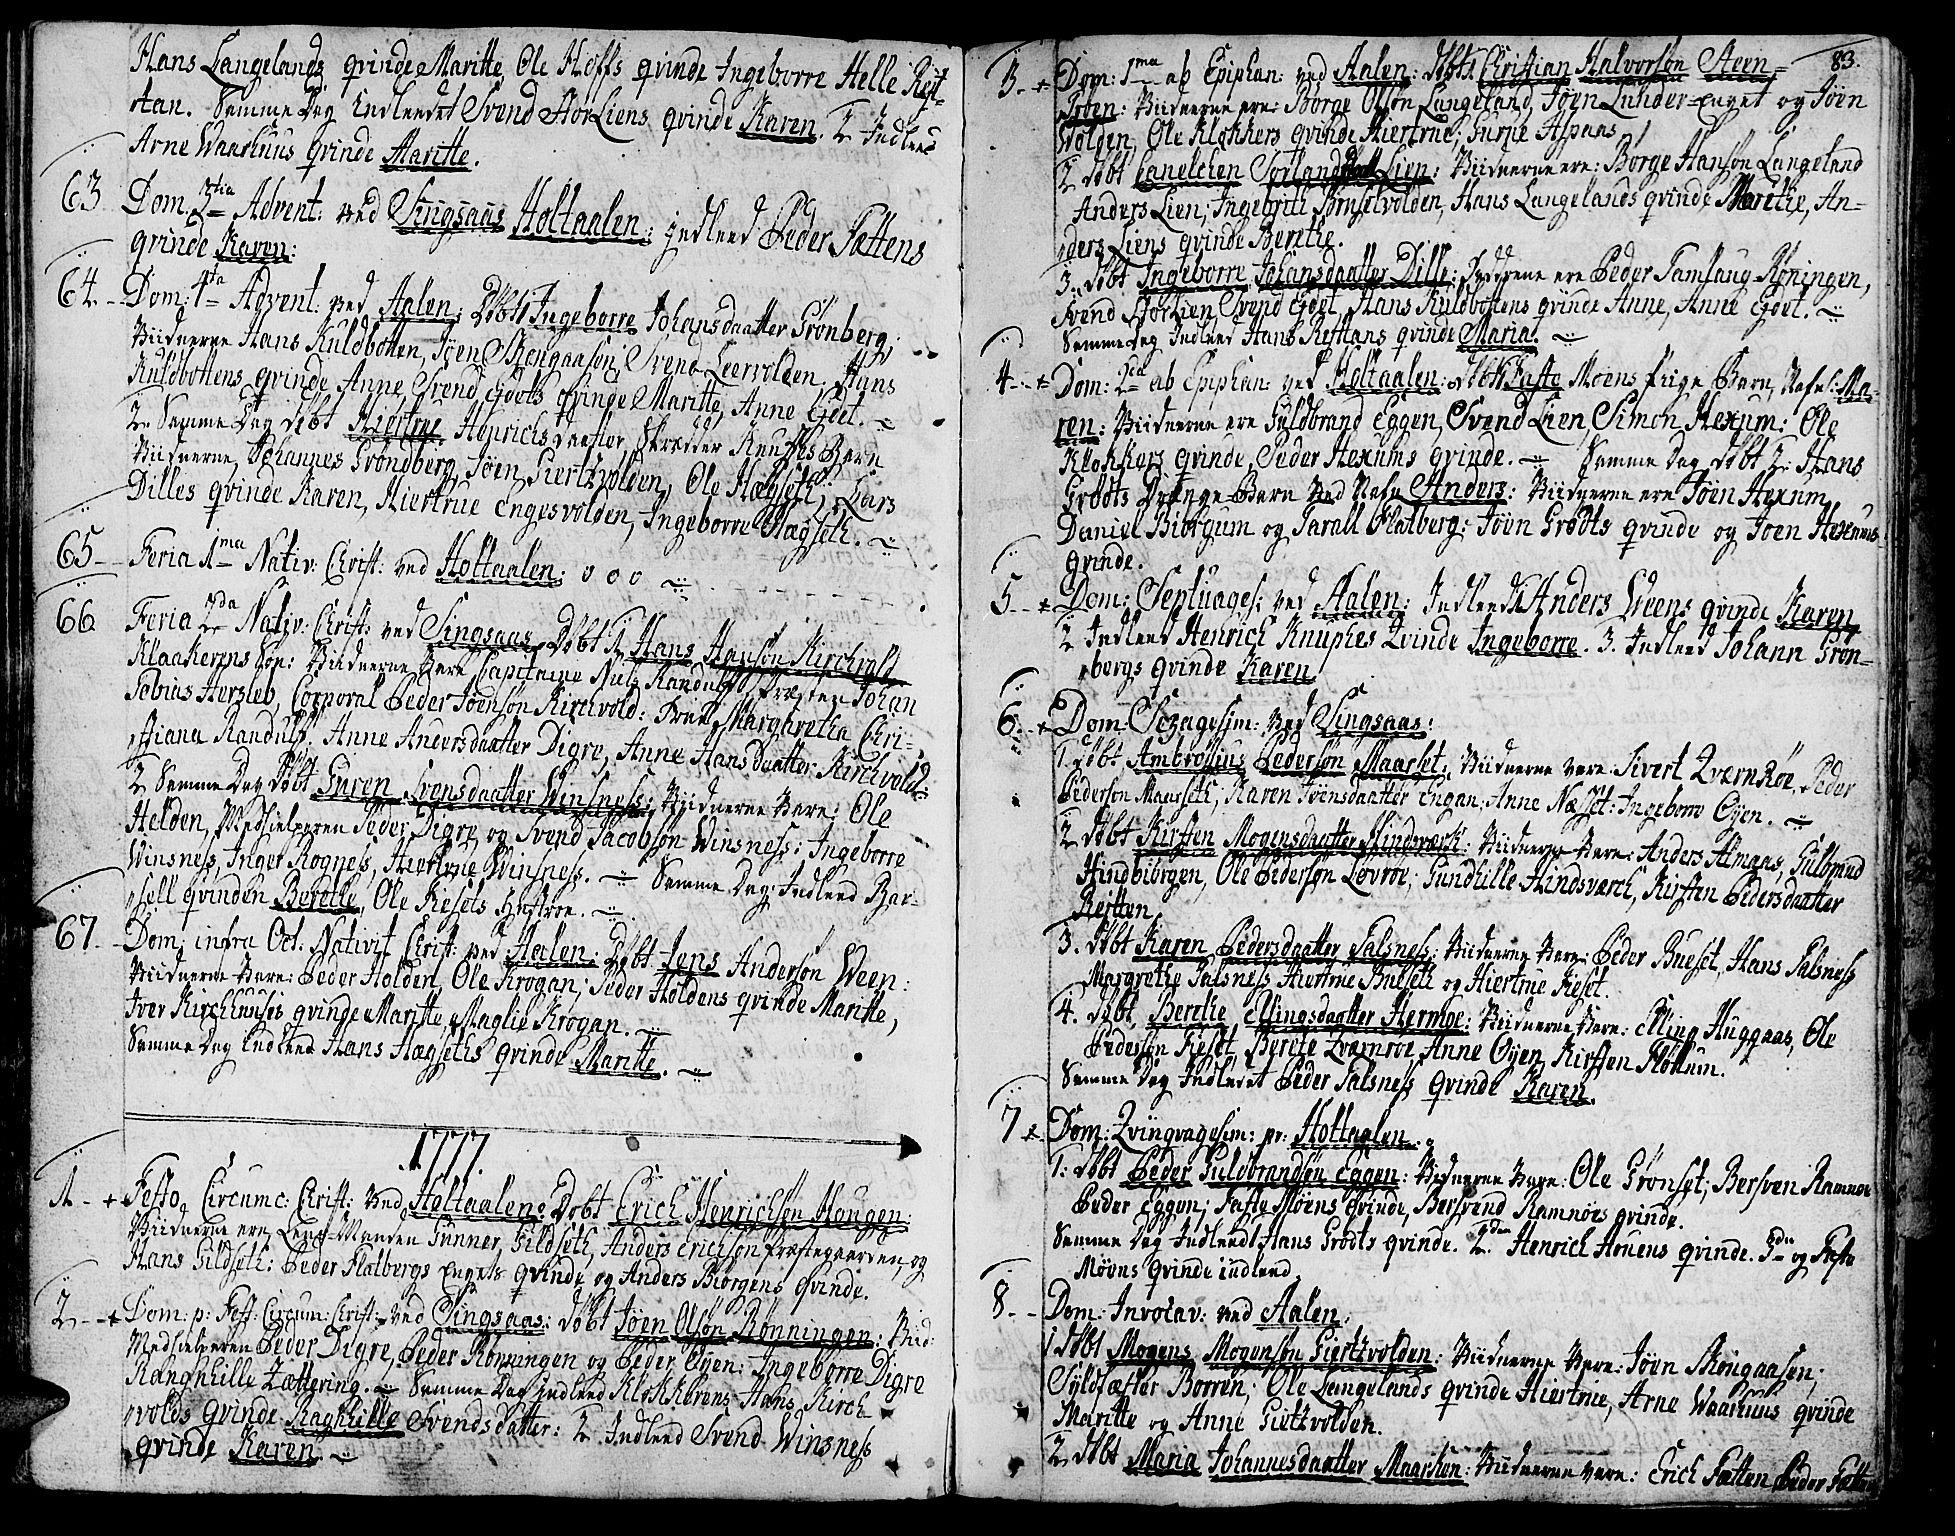 SAT, Ministerialprotokoller, klokkerbøker og fødselsregistre - Sør-Trøndelag, 685/L0952: Ministerialbok nr. 685A01, 1745-1804, s. 83